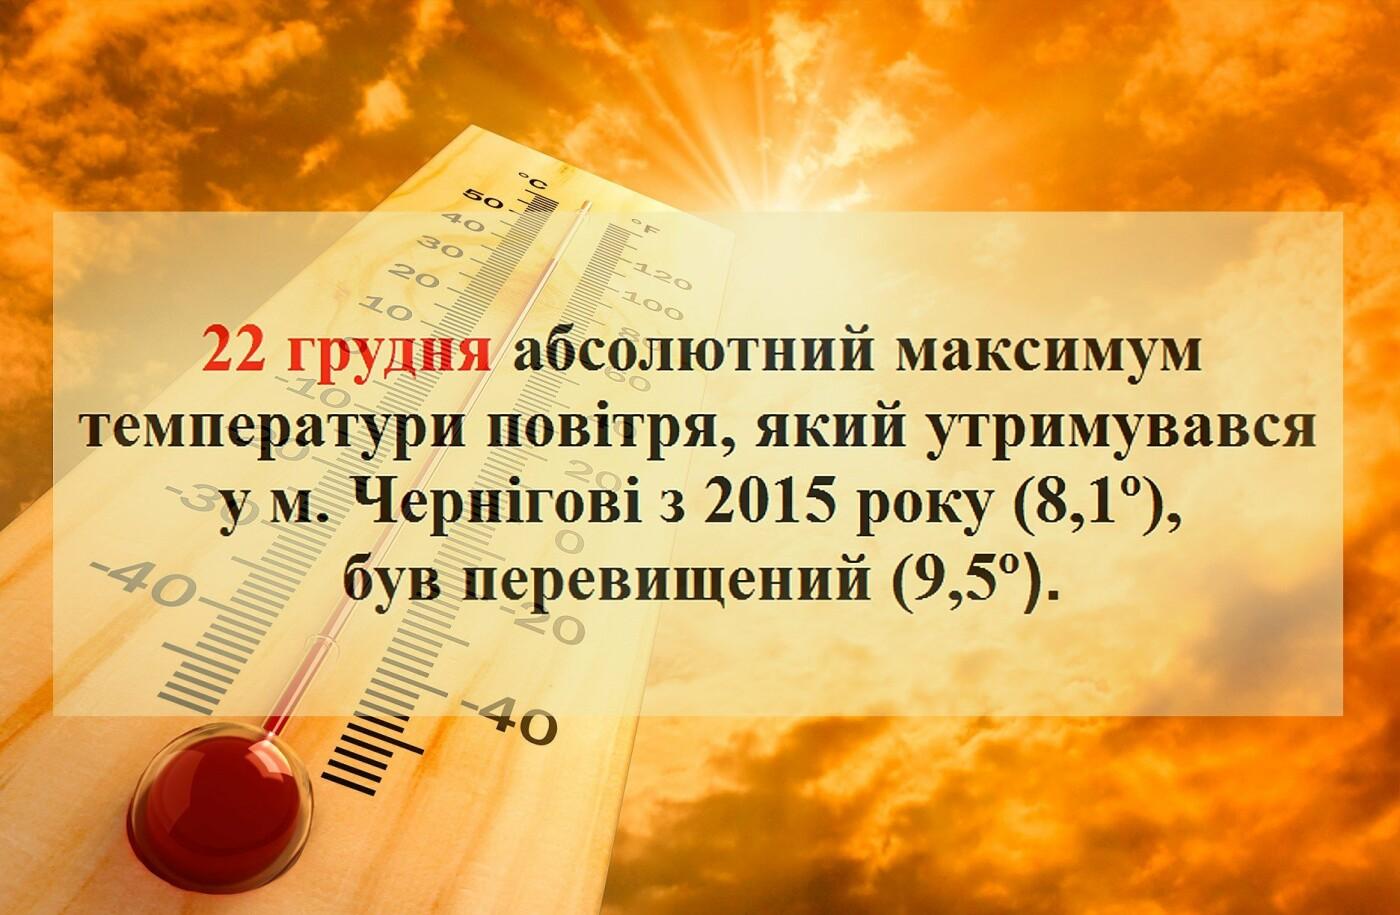 Теплий грудень триває: синоптики зафіксували черговий температурний рекорд, фото-1